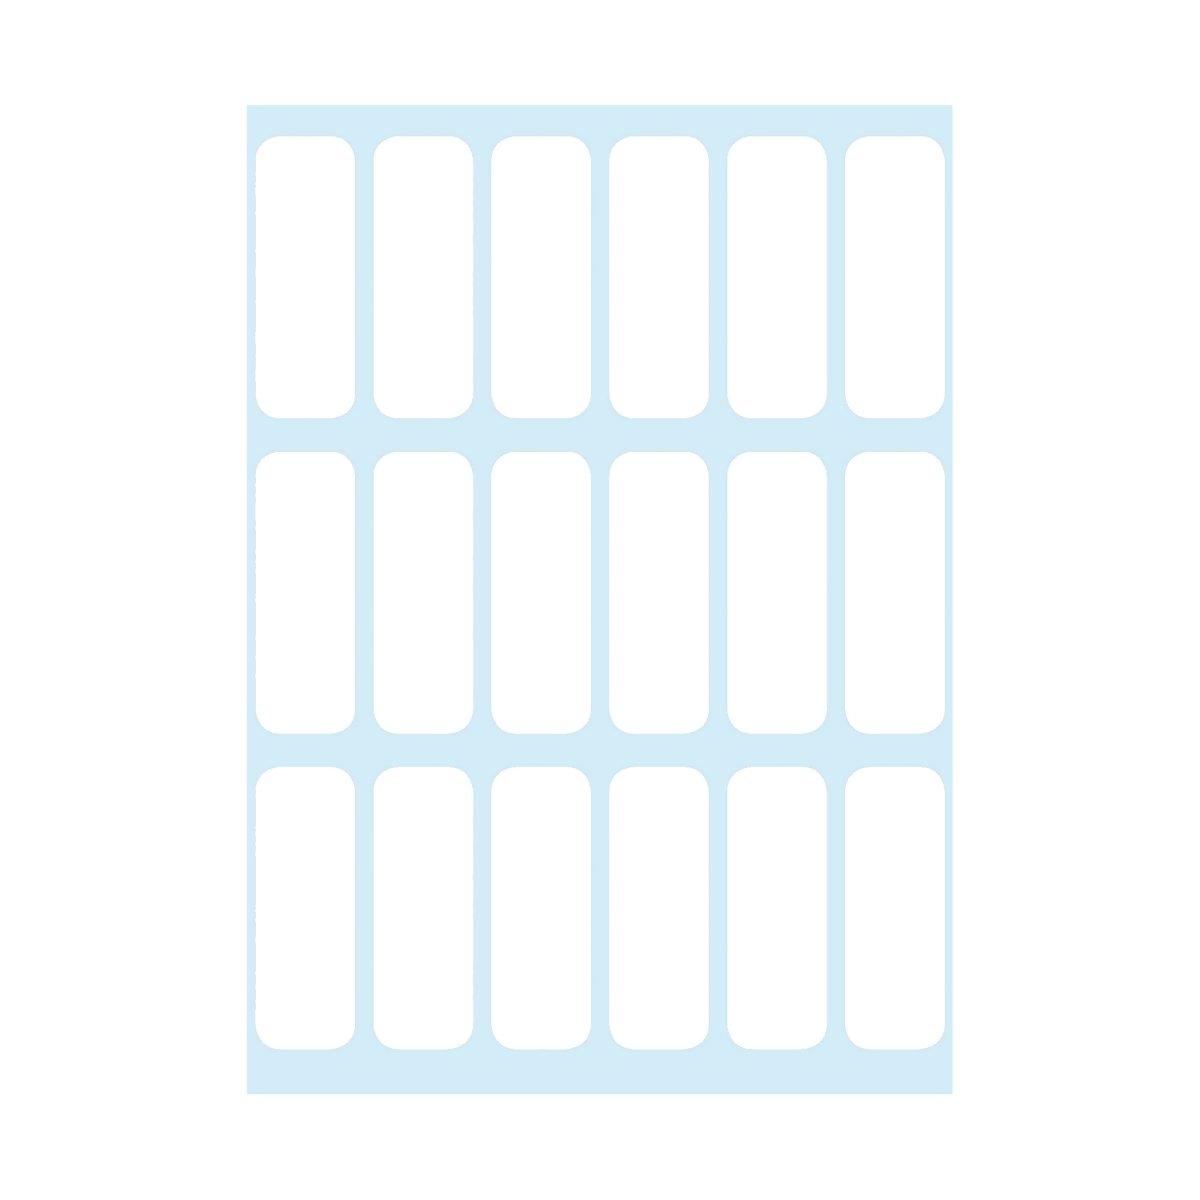 Etykiety opisowe samoprzylepne, 132 szt. - białe (830448)